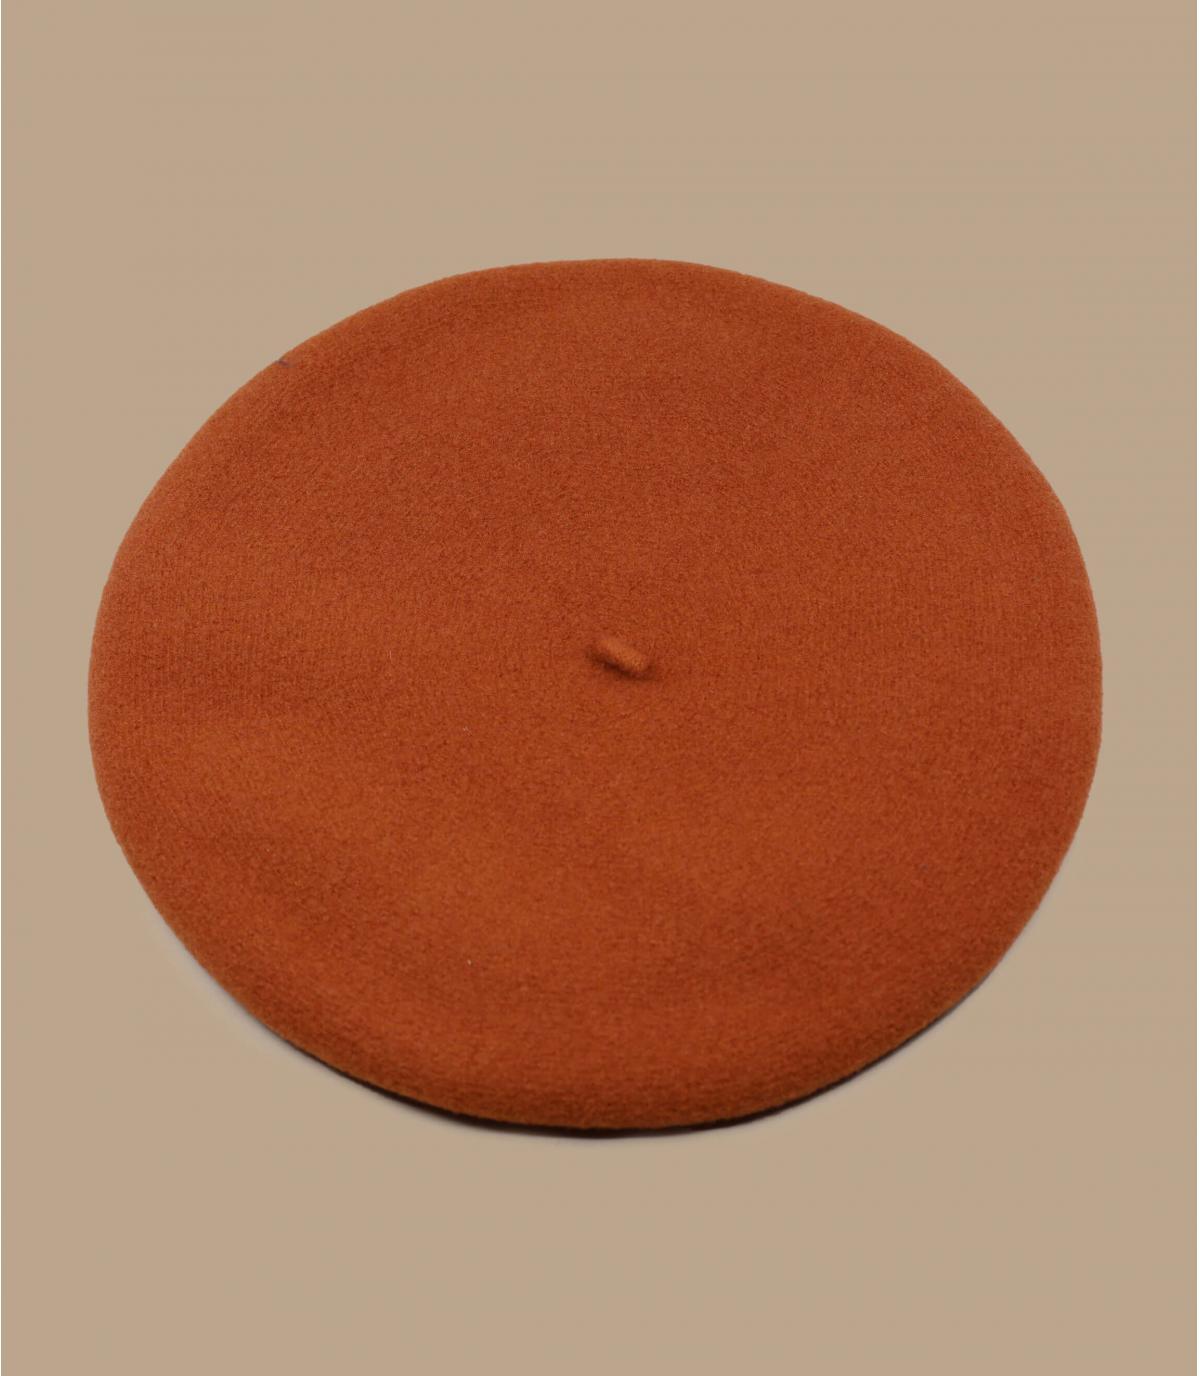 Berretto Laulhère arancio merino